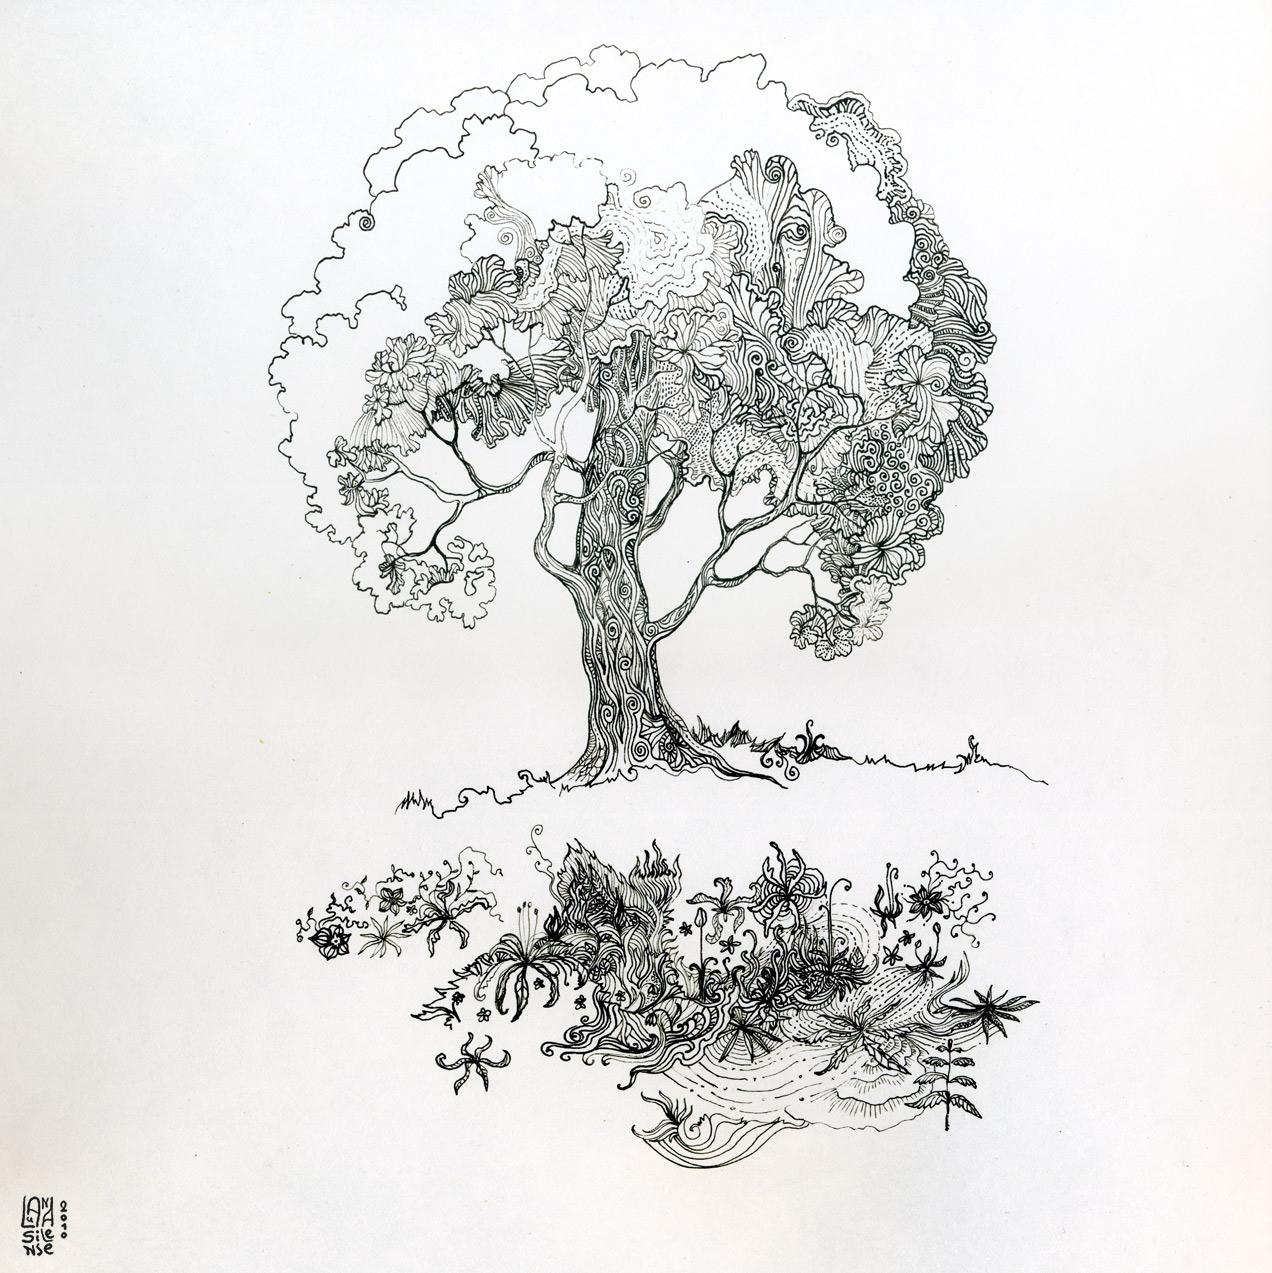 Tree of Life - unfinished by itokashi